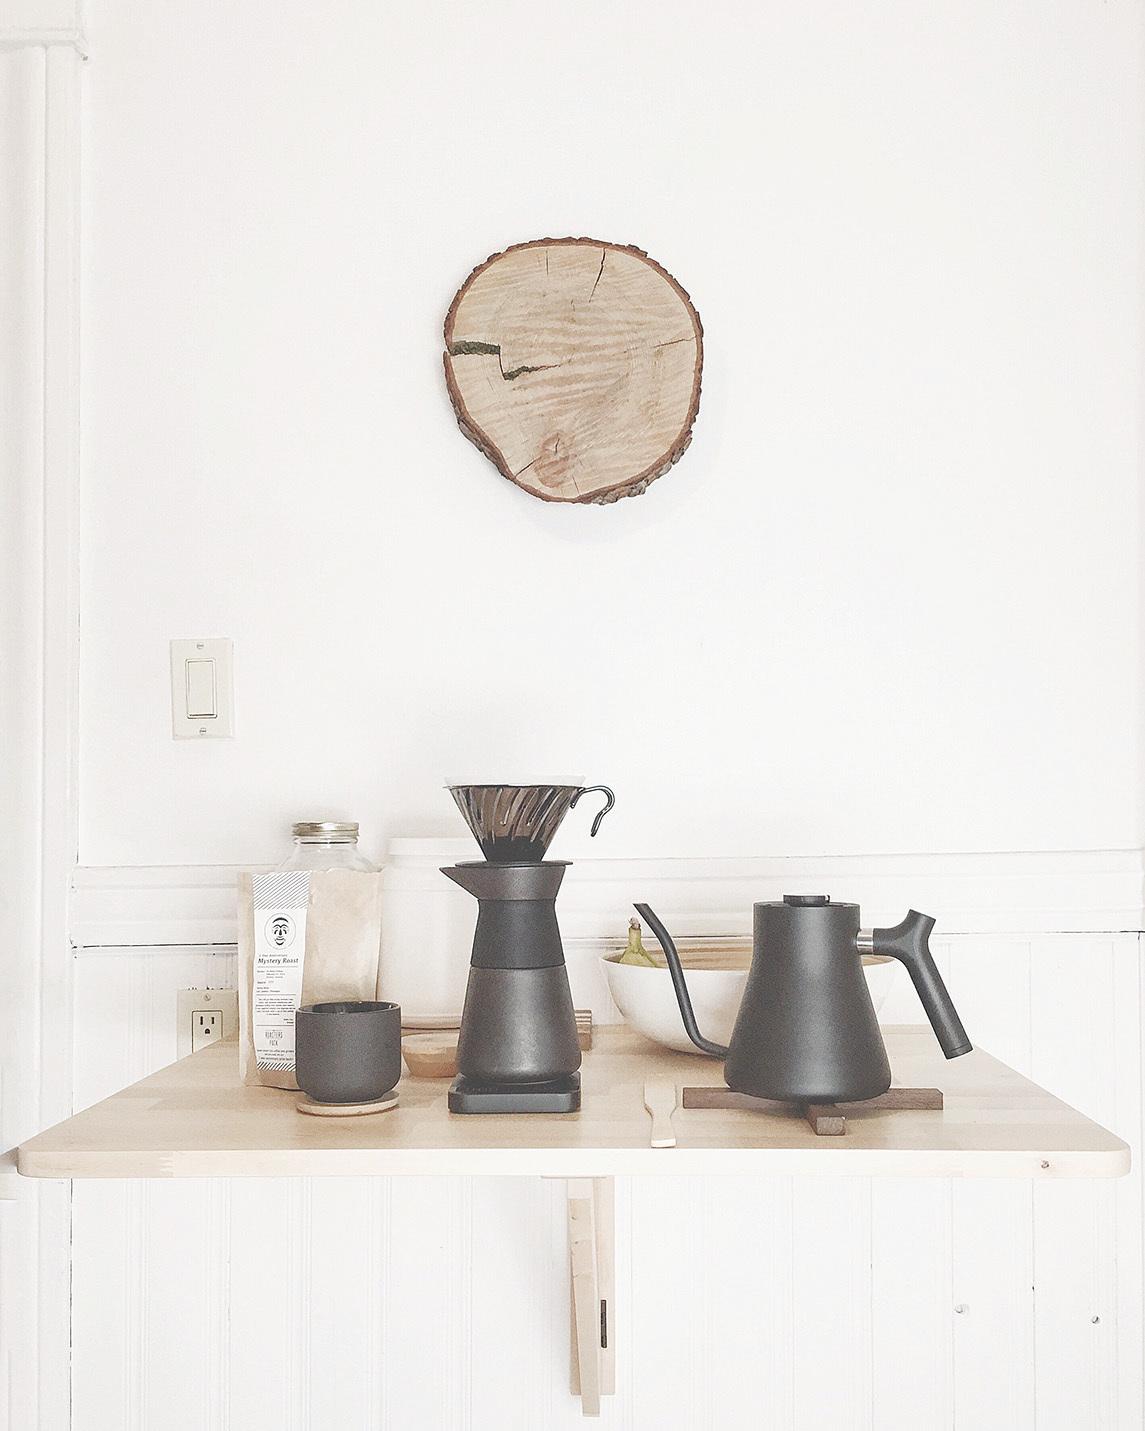 咖啡角落可為家居營造溫馨氣氛。(網絡圖片)